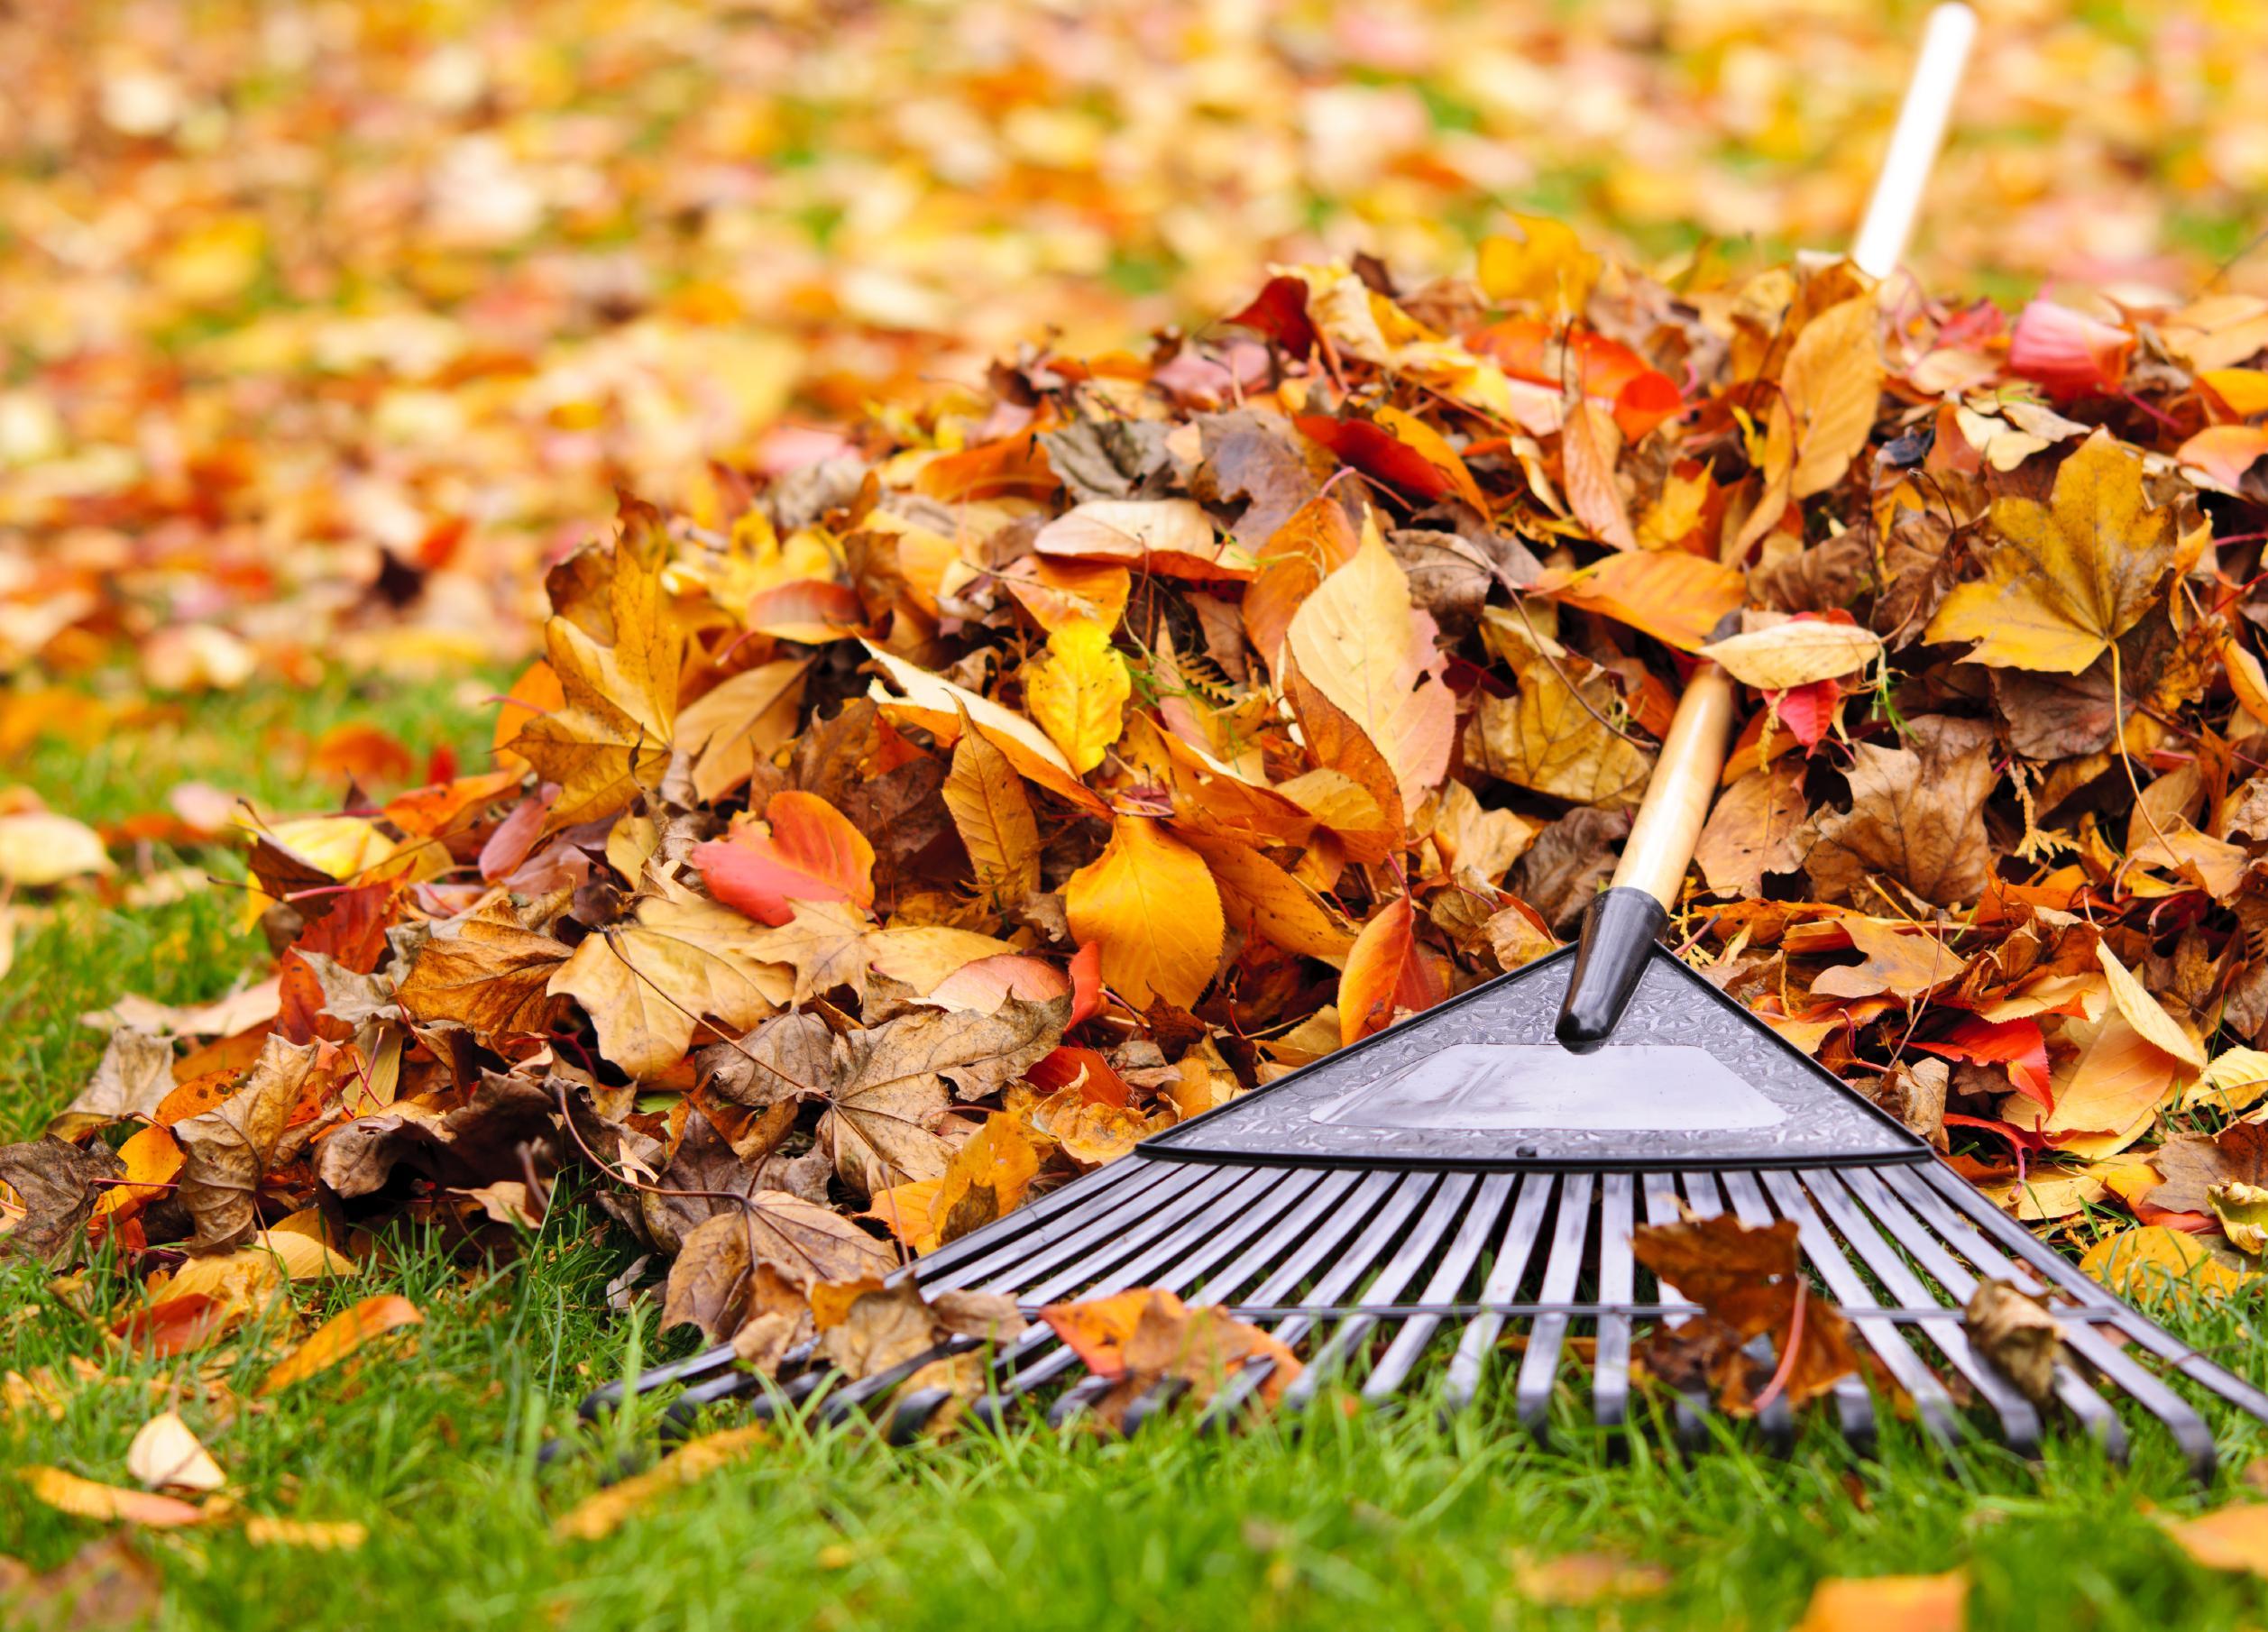 ЭкоИнструкция: Как бороться с уборкой листьев в парках и дворах